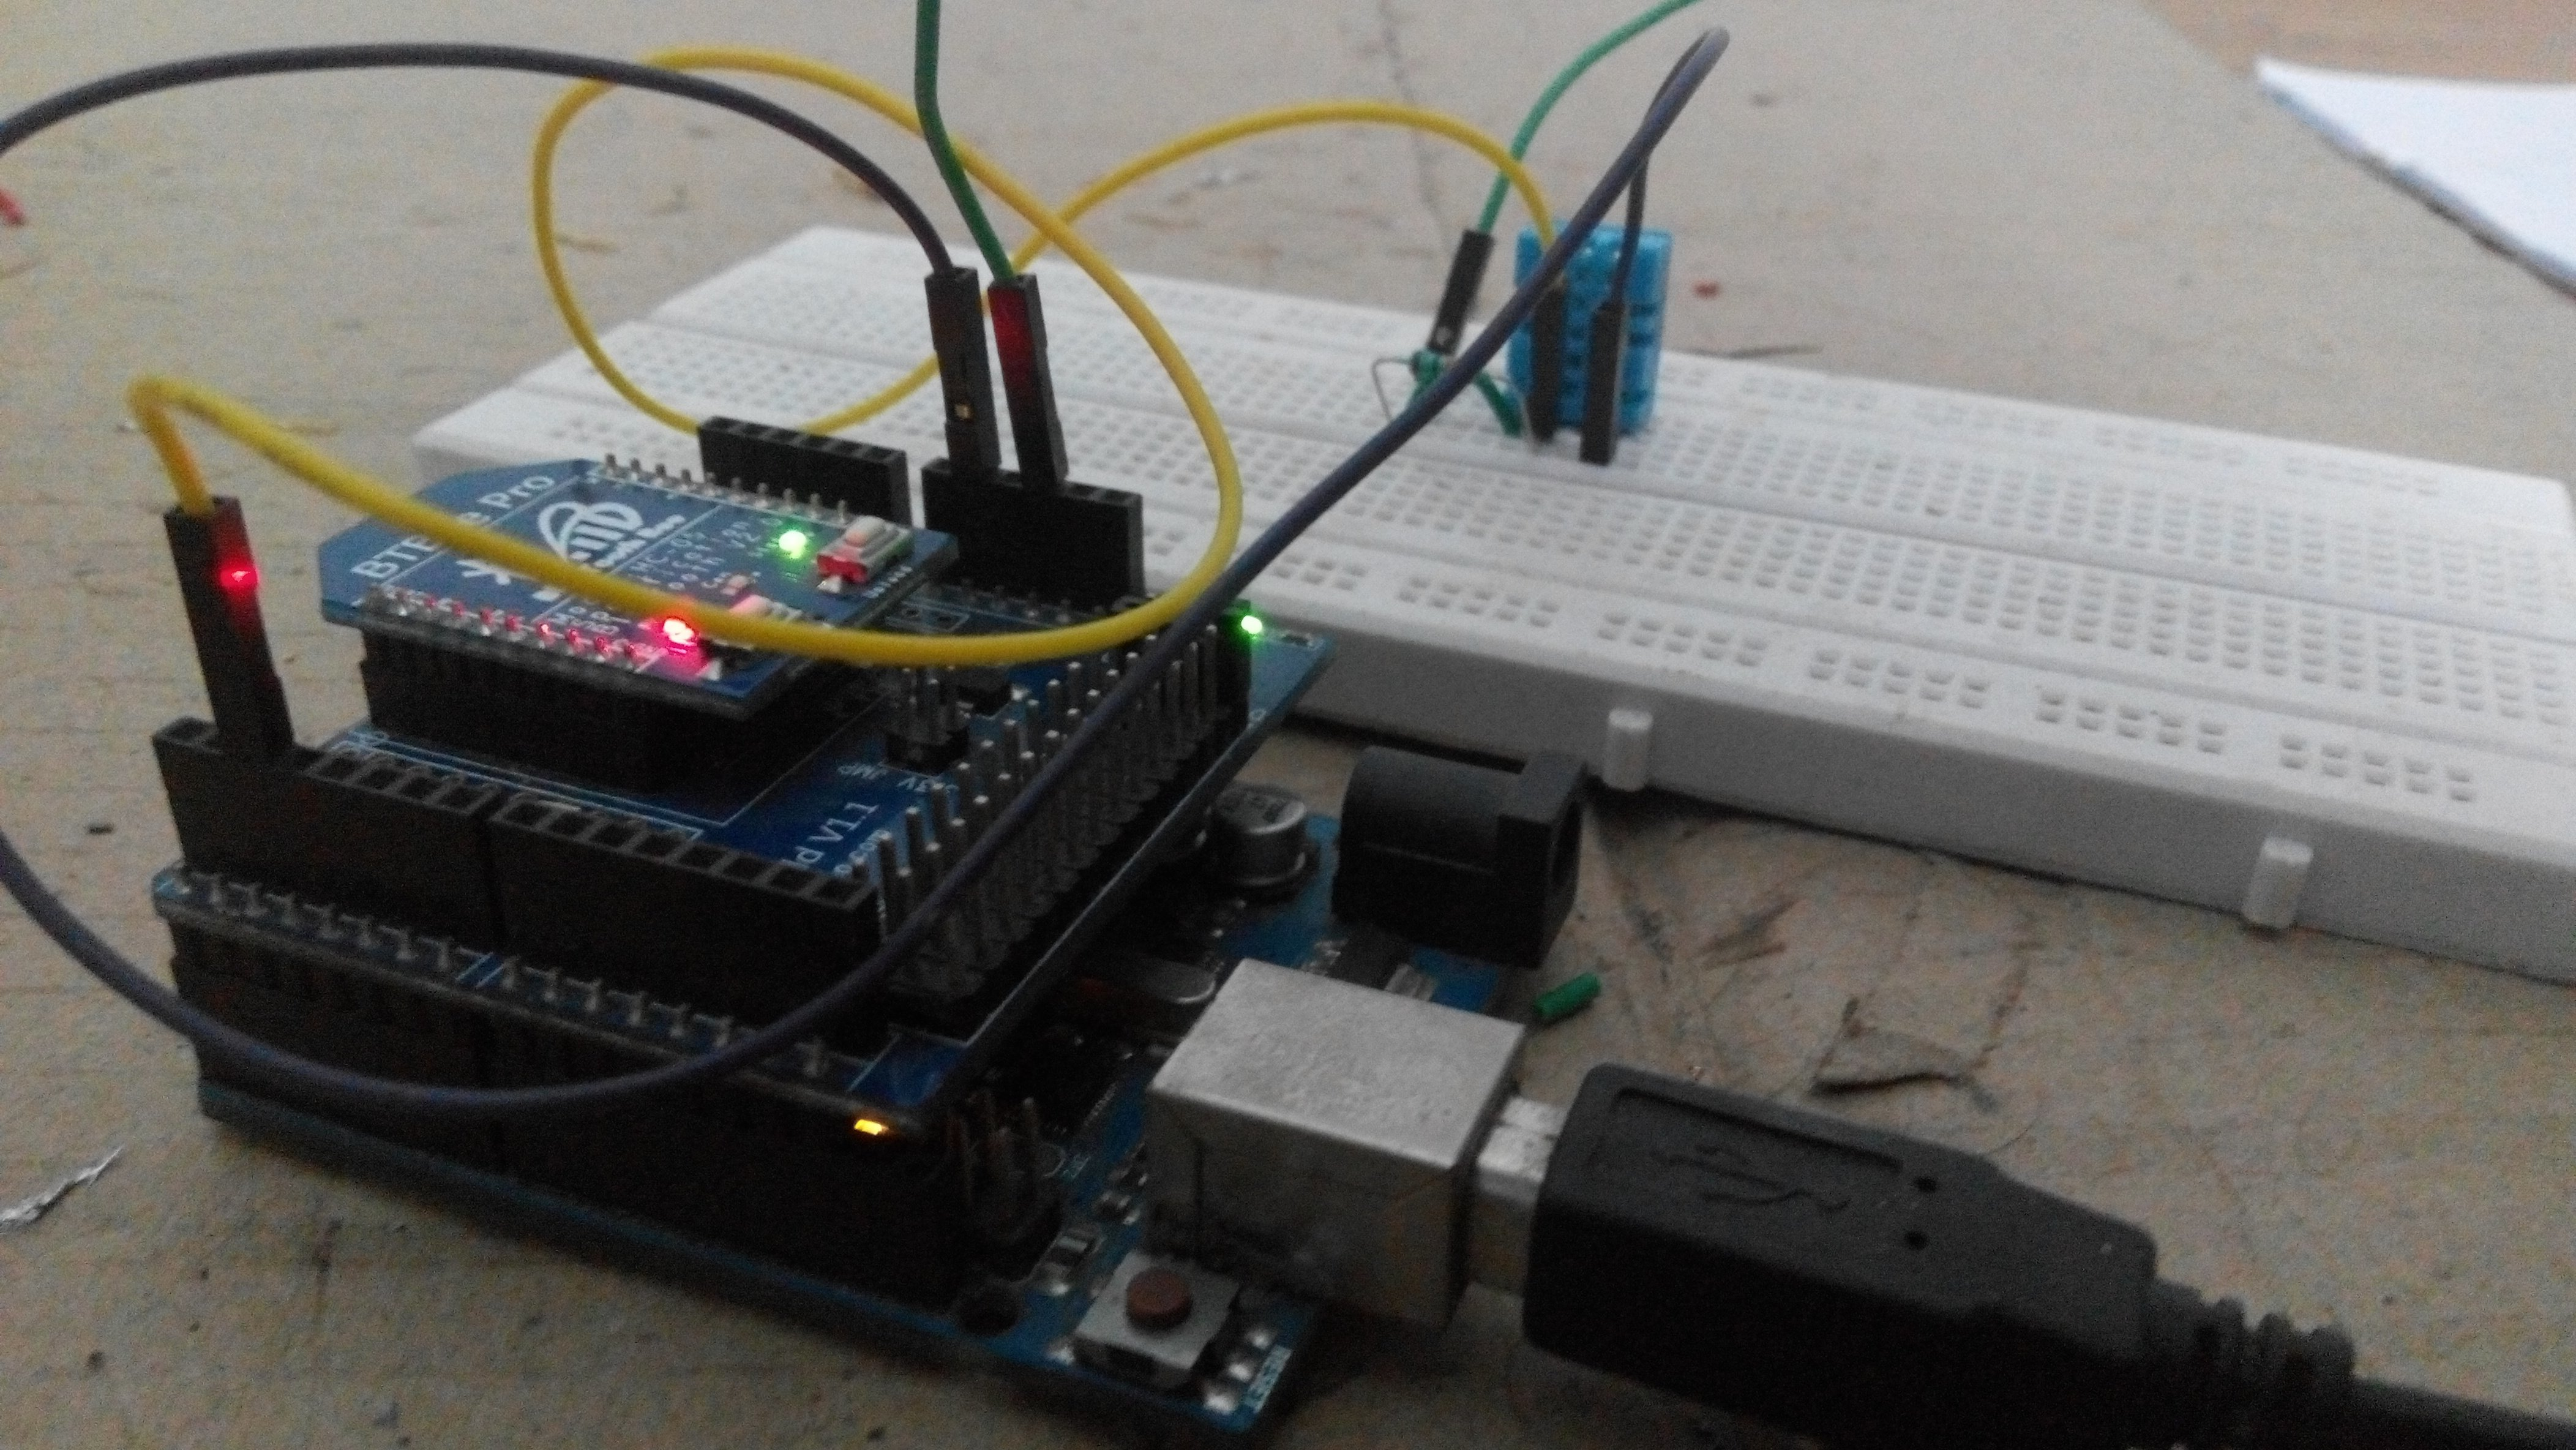 Get Sensor Data From Arduino To Smartphone Via Bluetooth